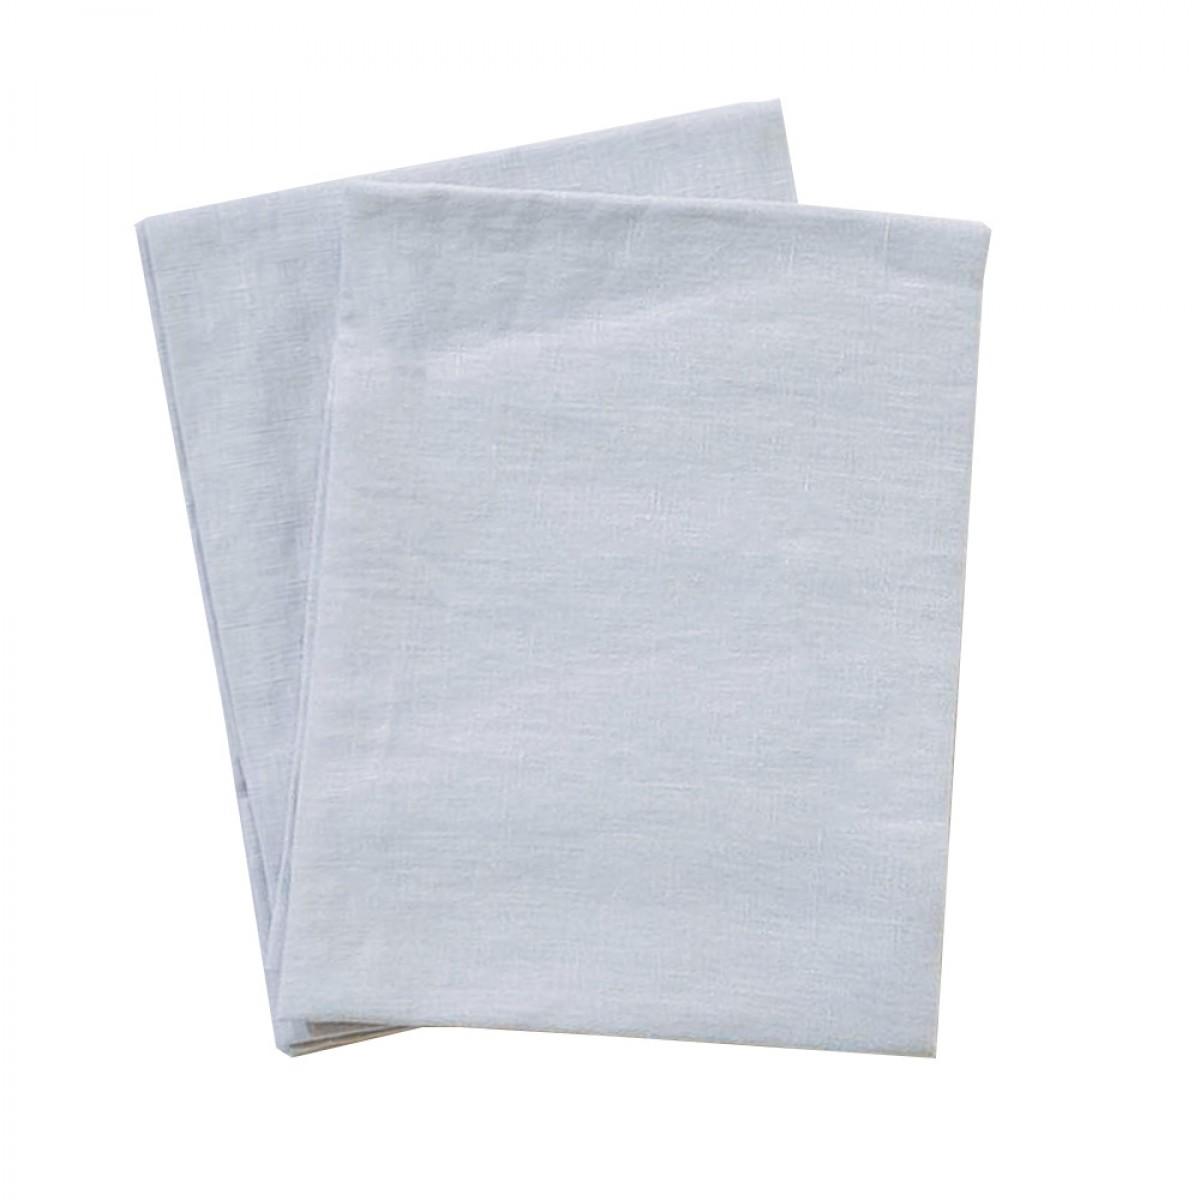 Linen Napkin - Off White (Set of 6)